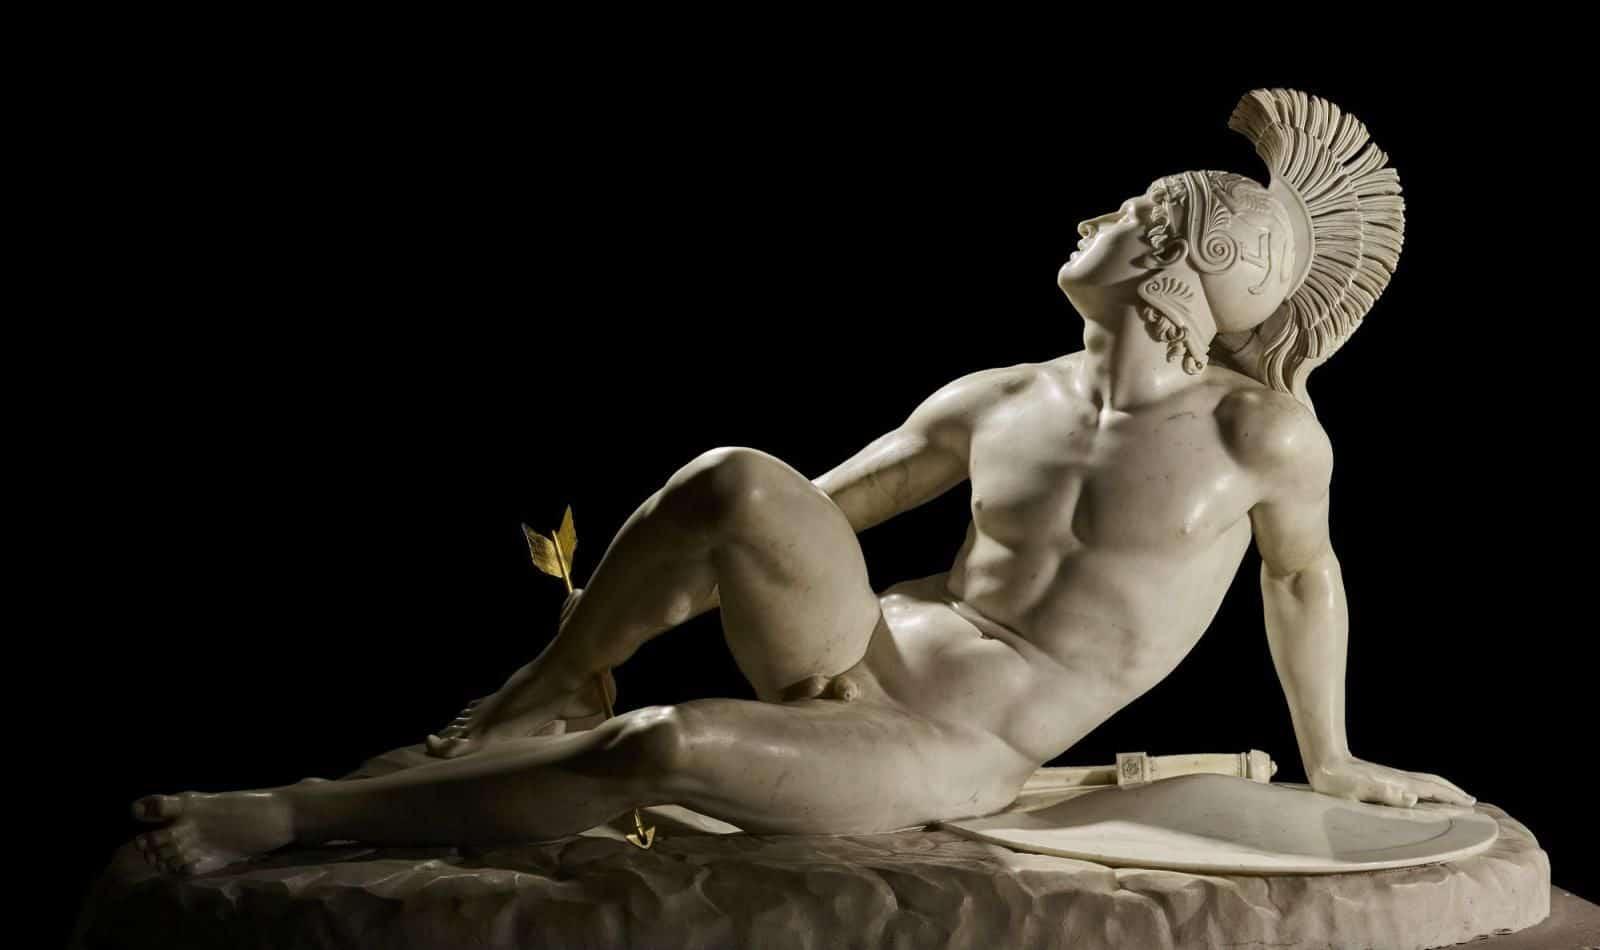 Den sårede Akilles. Skulptur av Filippo Albacini fra 1825. Foto: The Devonshire Collections, Chatsworth.